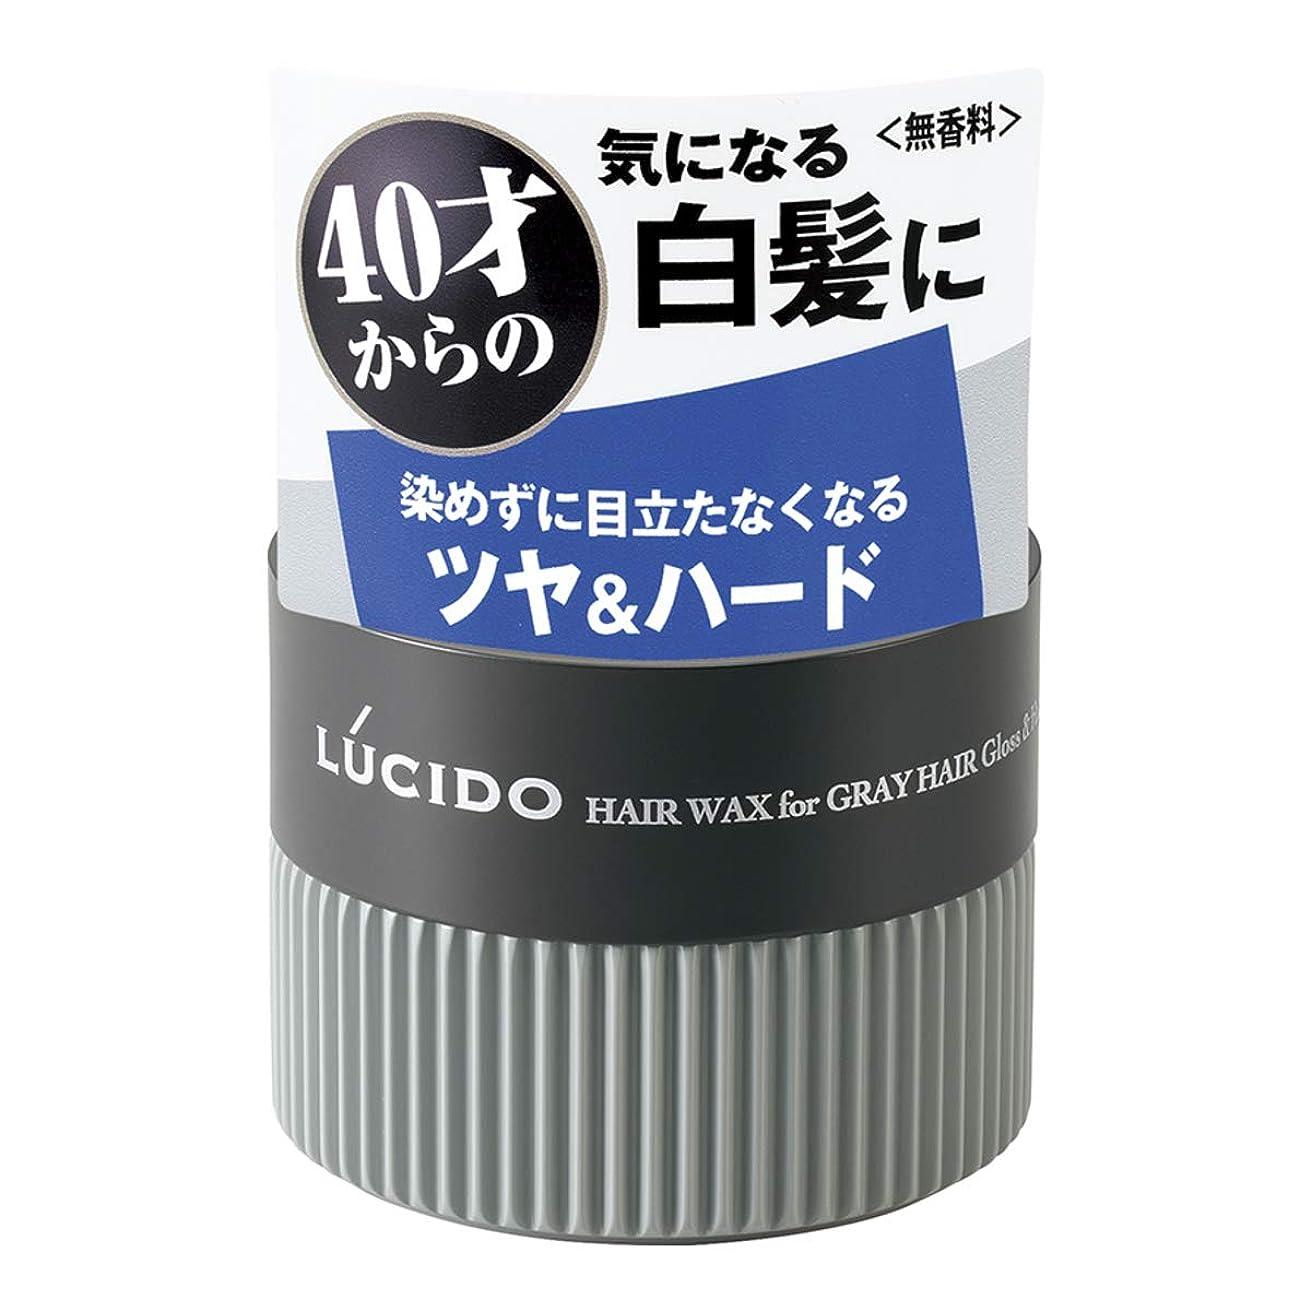 収縮純粋に延期するLUCIDO(ルシード) ヘアワックス 白髪用ワックス グロス&ハード 80g